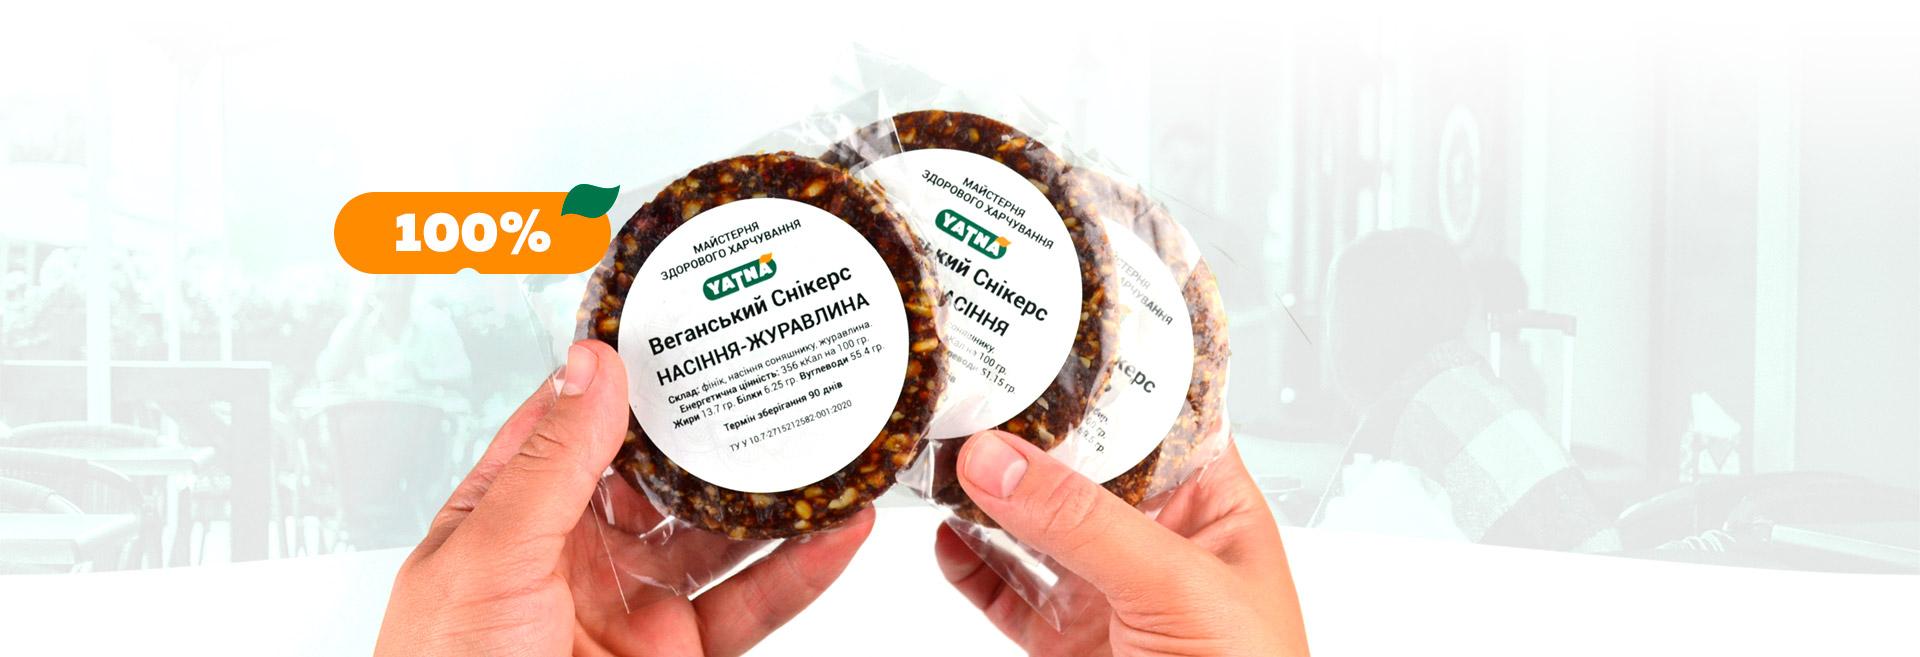 Веганское печенье для кафе и ресторанов. Хорека натуральное печенье ручной работы без сахара